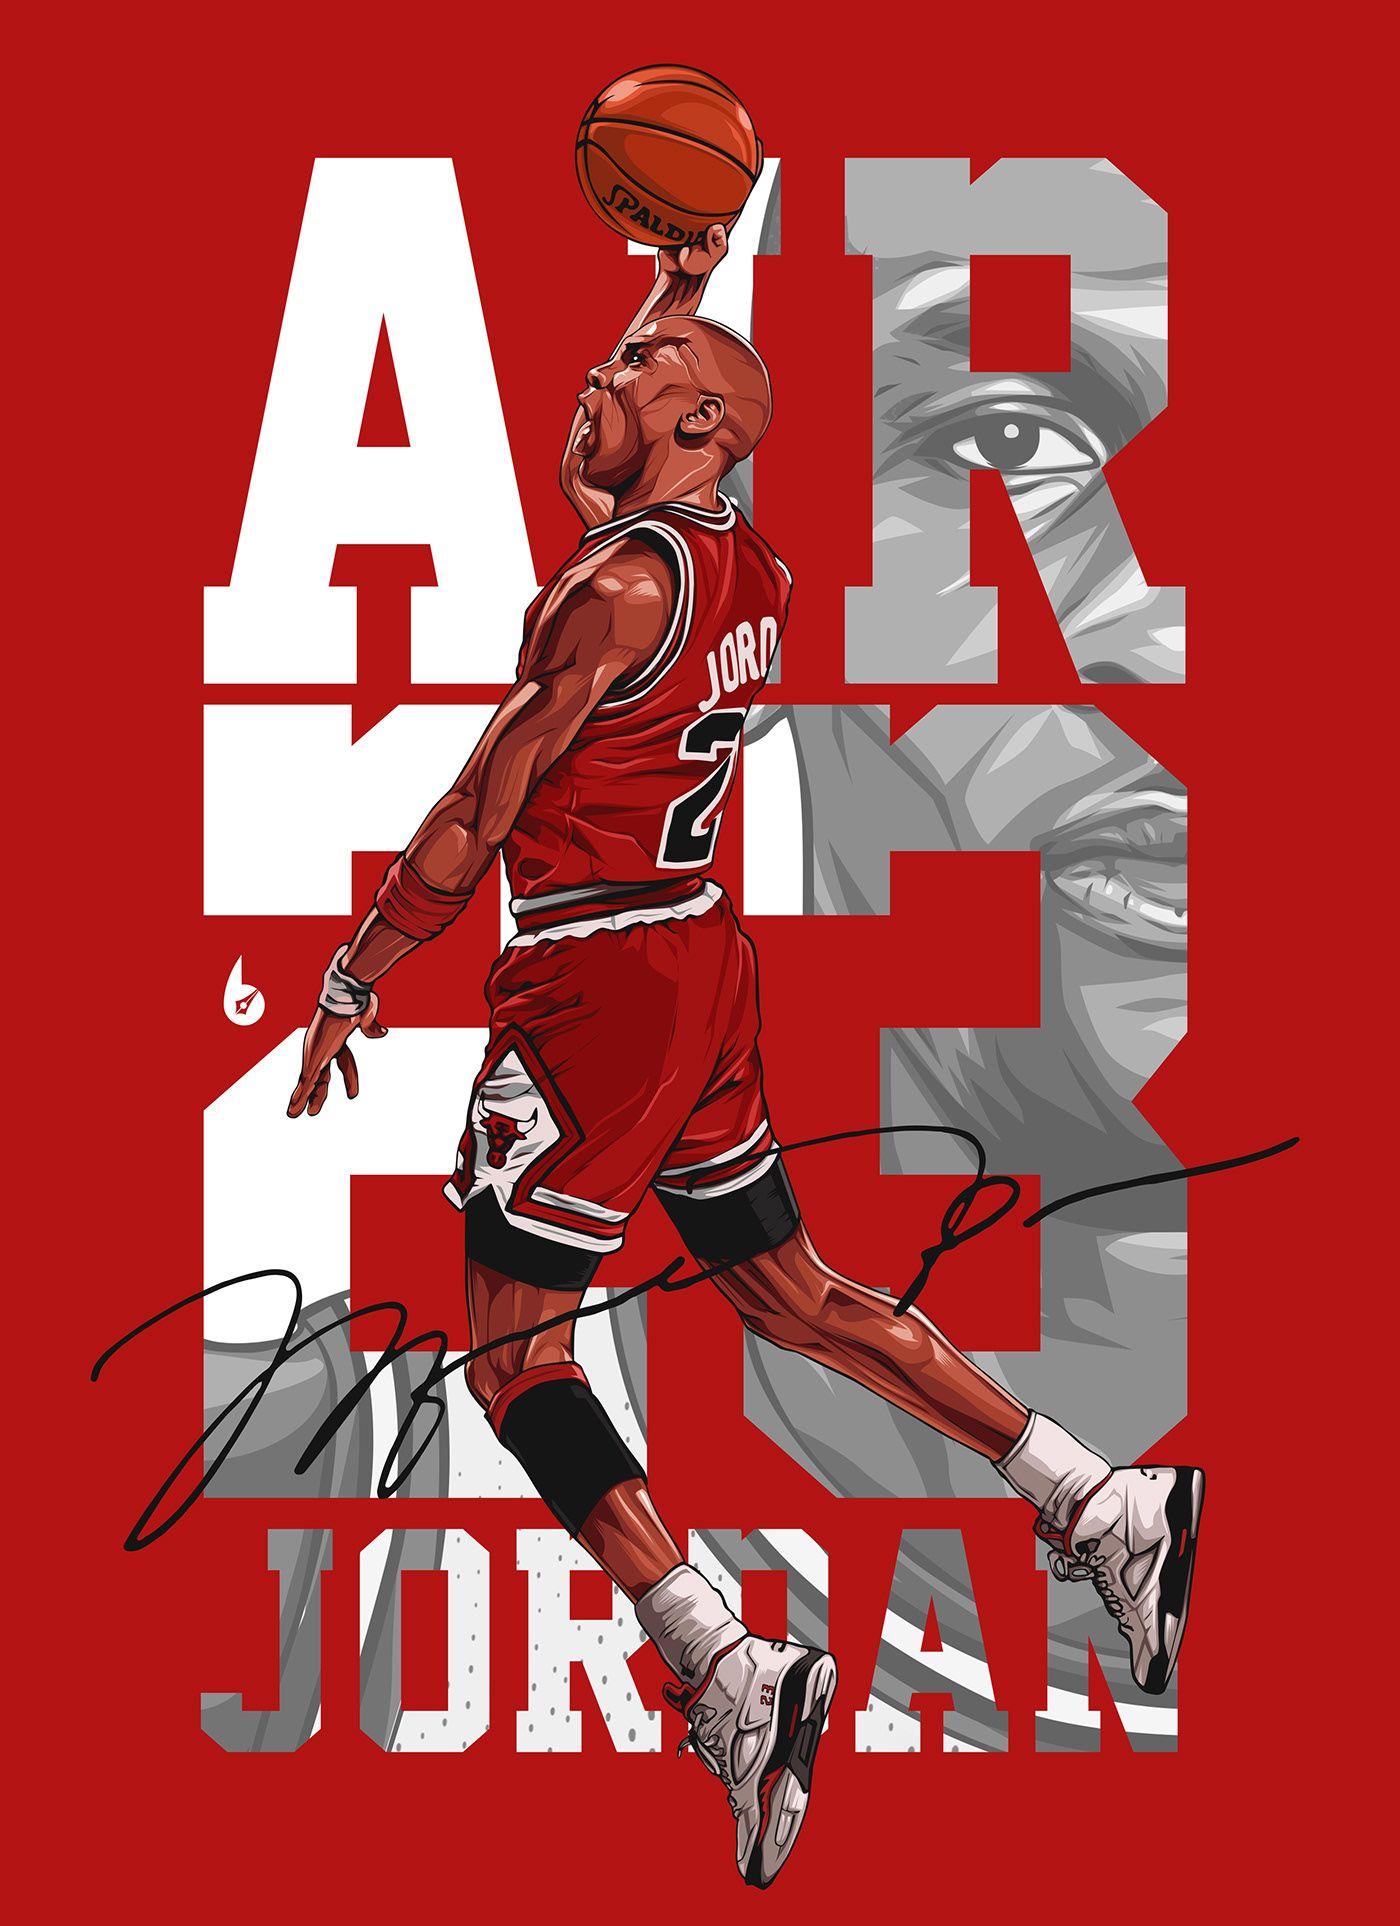 Jordan Iphone Wallpaper » Hupages » Download Iphone